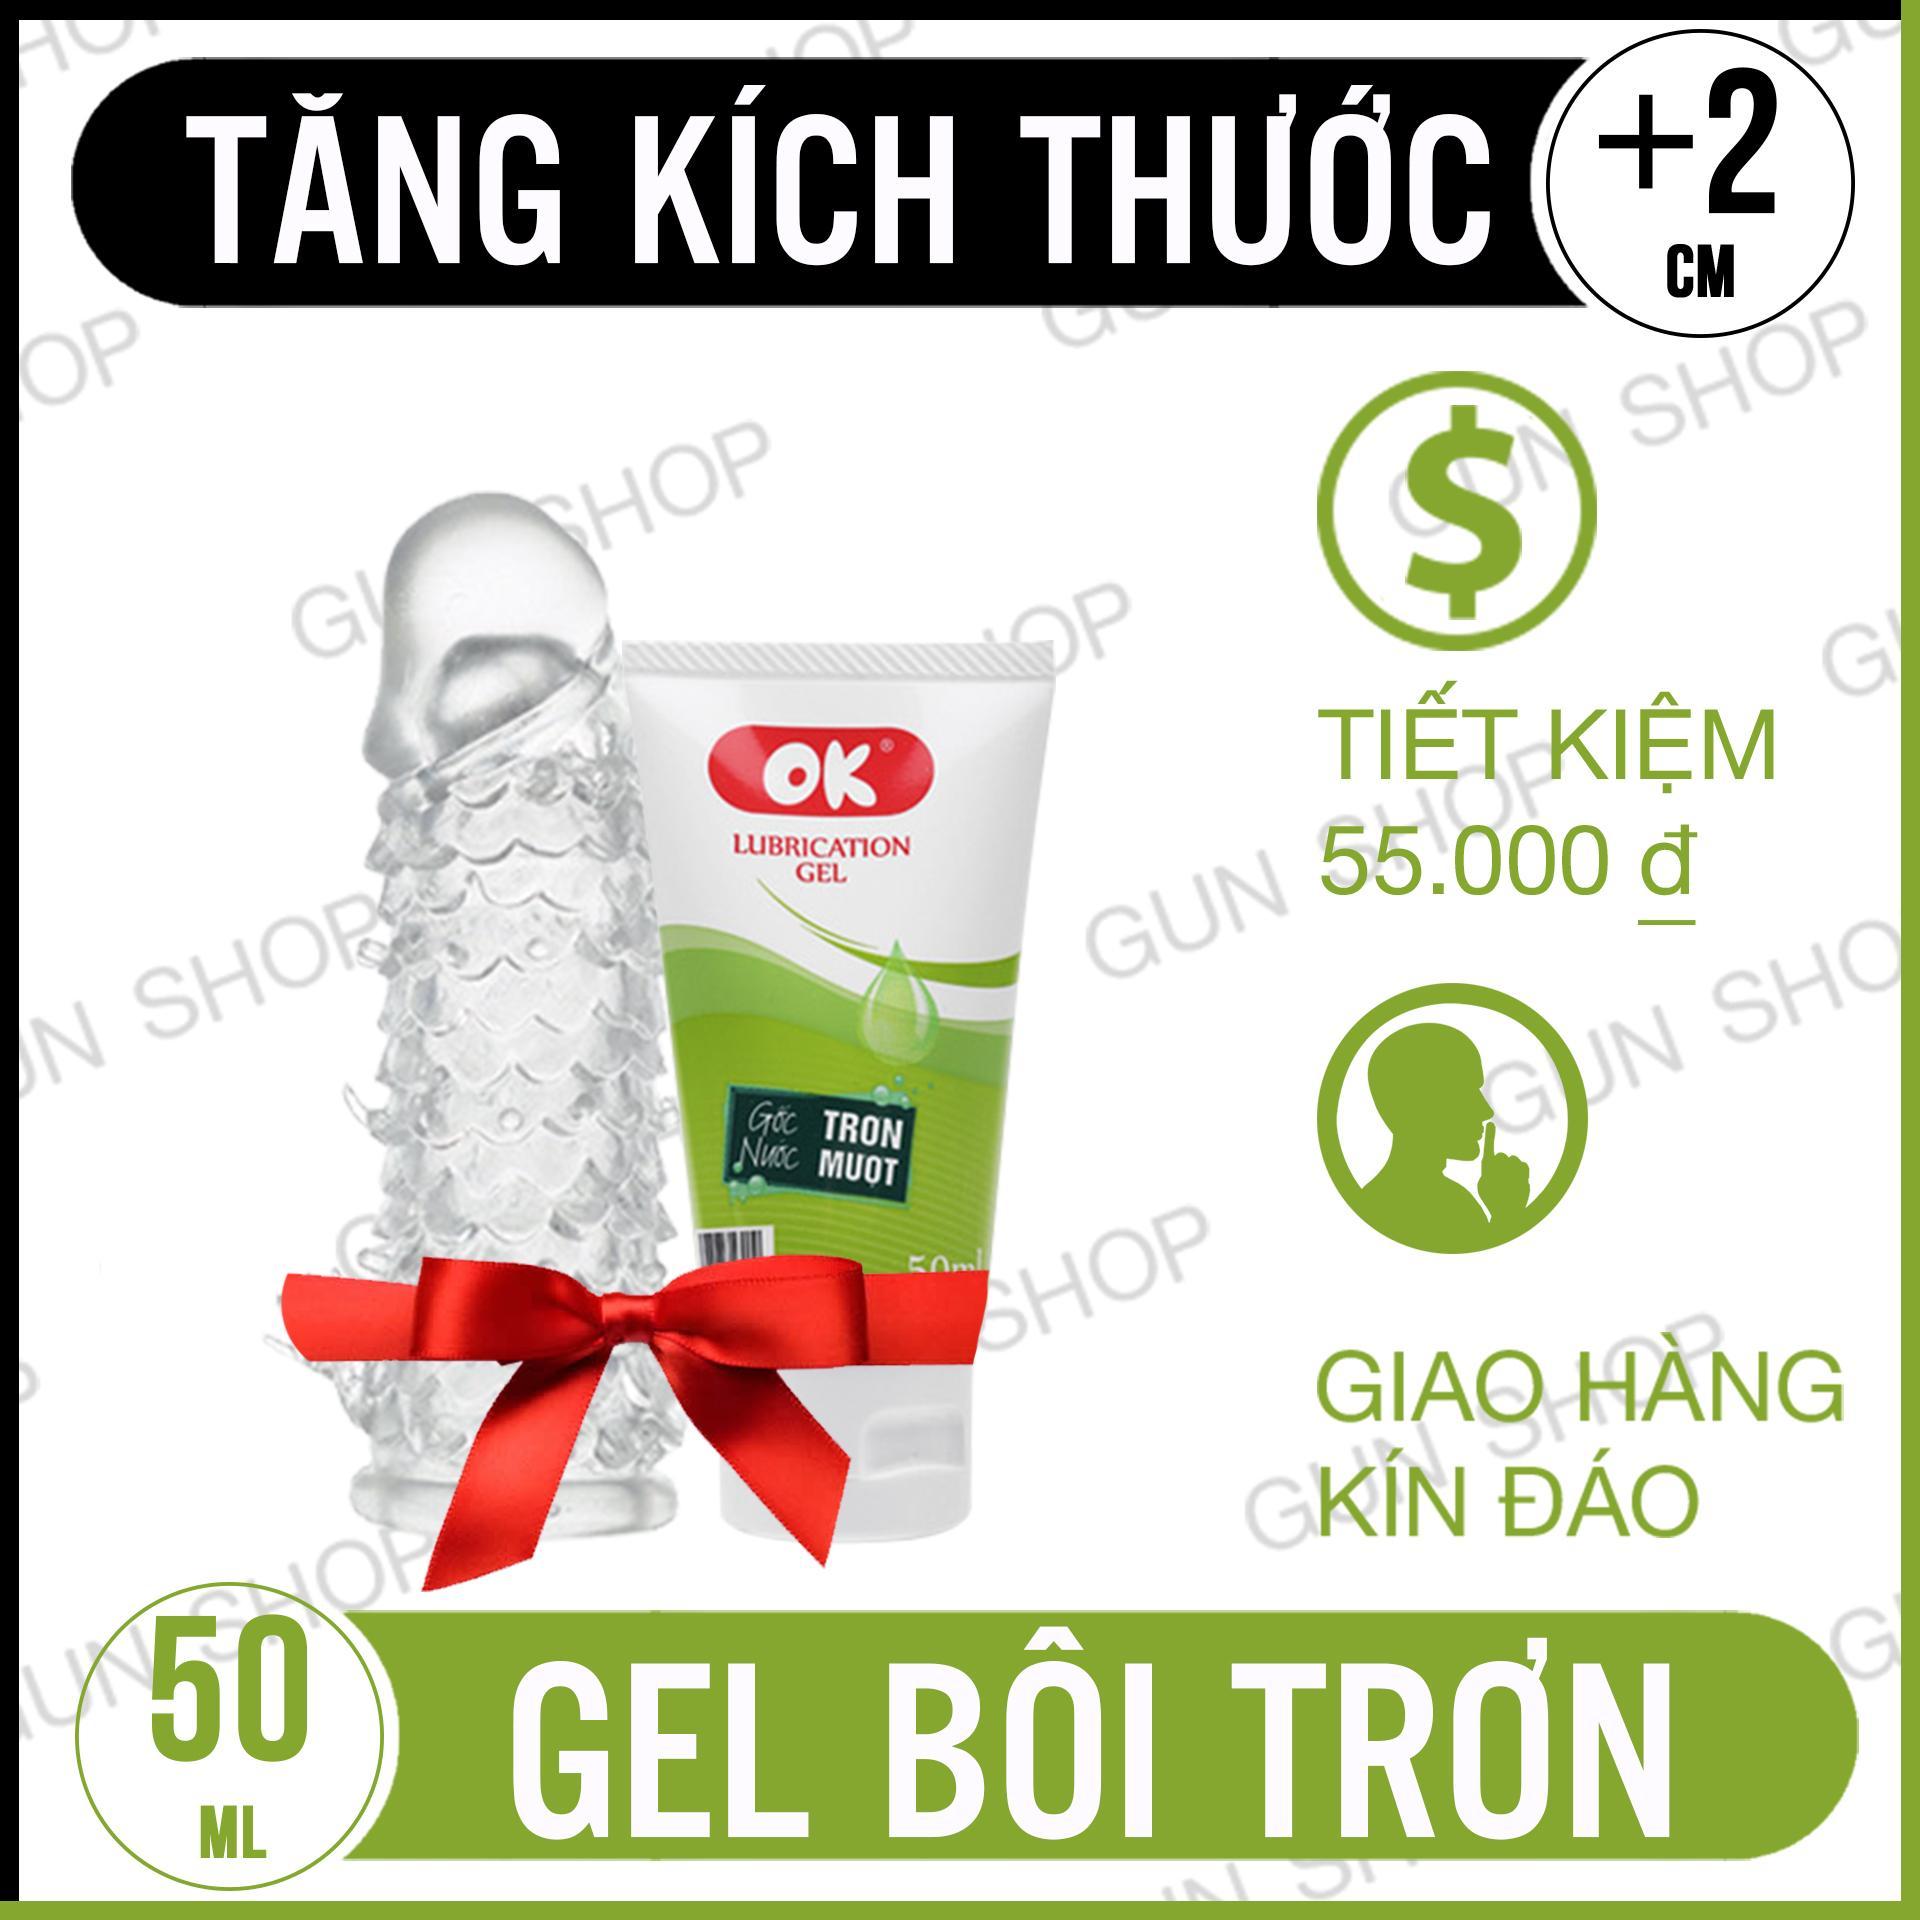 Combo Bao Cao Su Đôn Dên Kiểu Baile  + 1 gel bôi trơn OK nhập khẩu